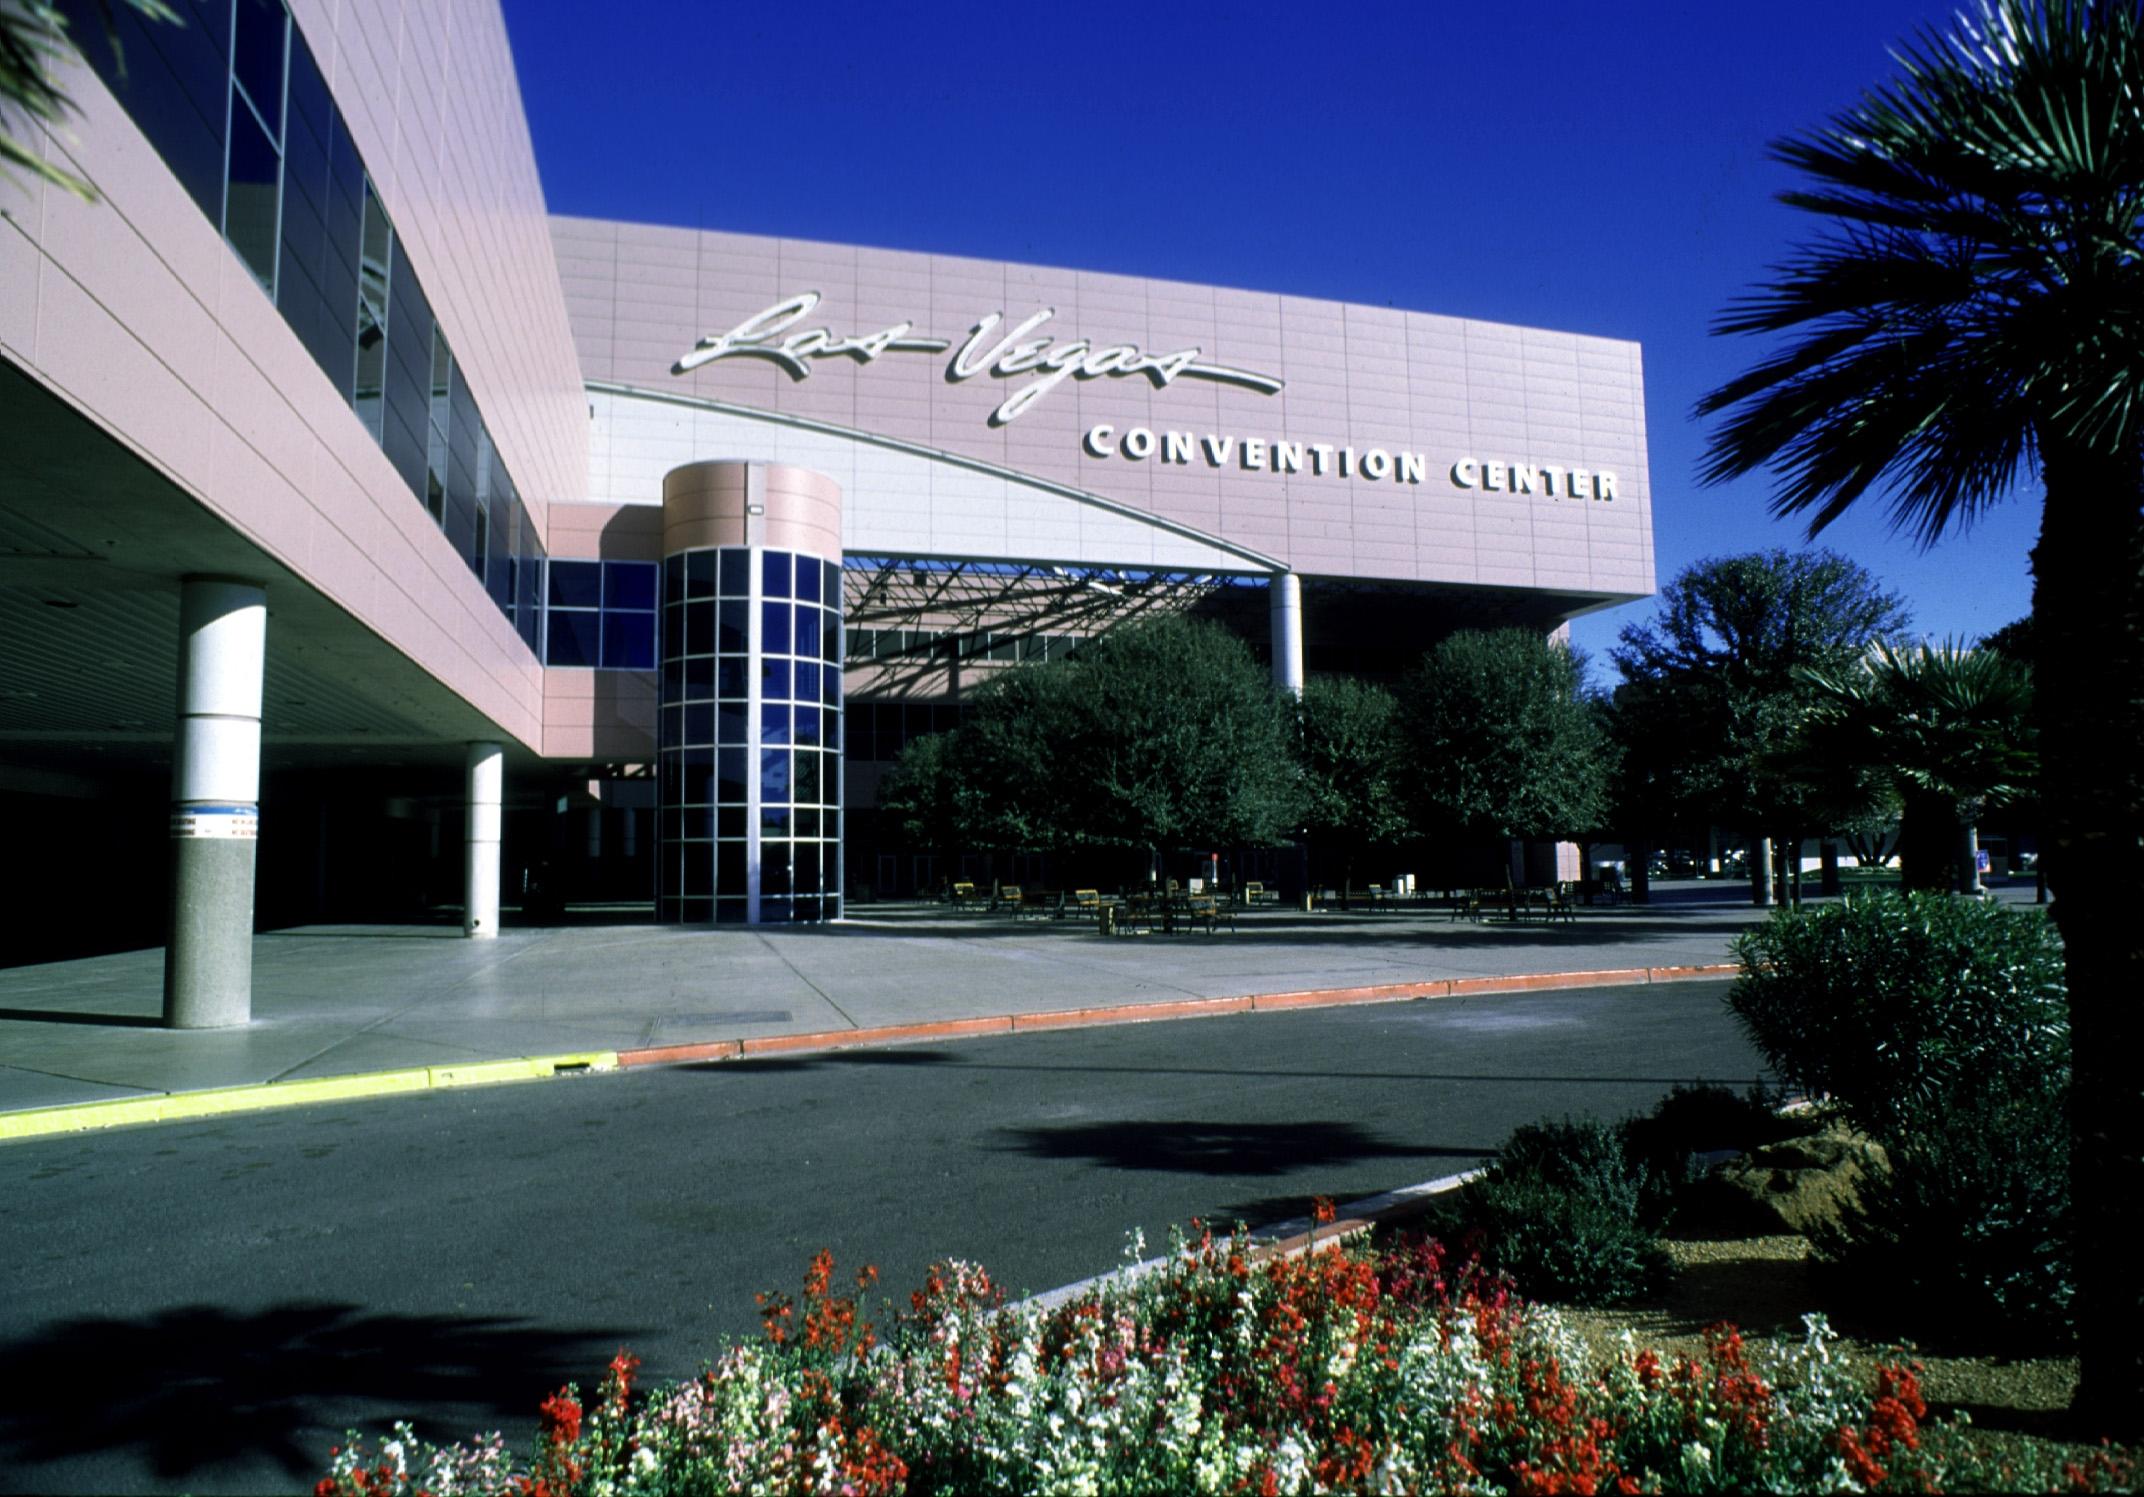 拉斯维加斯酒店的会展中心